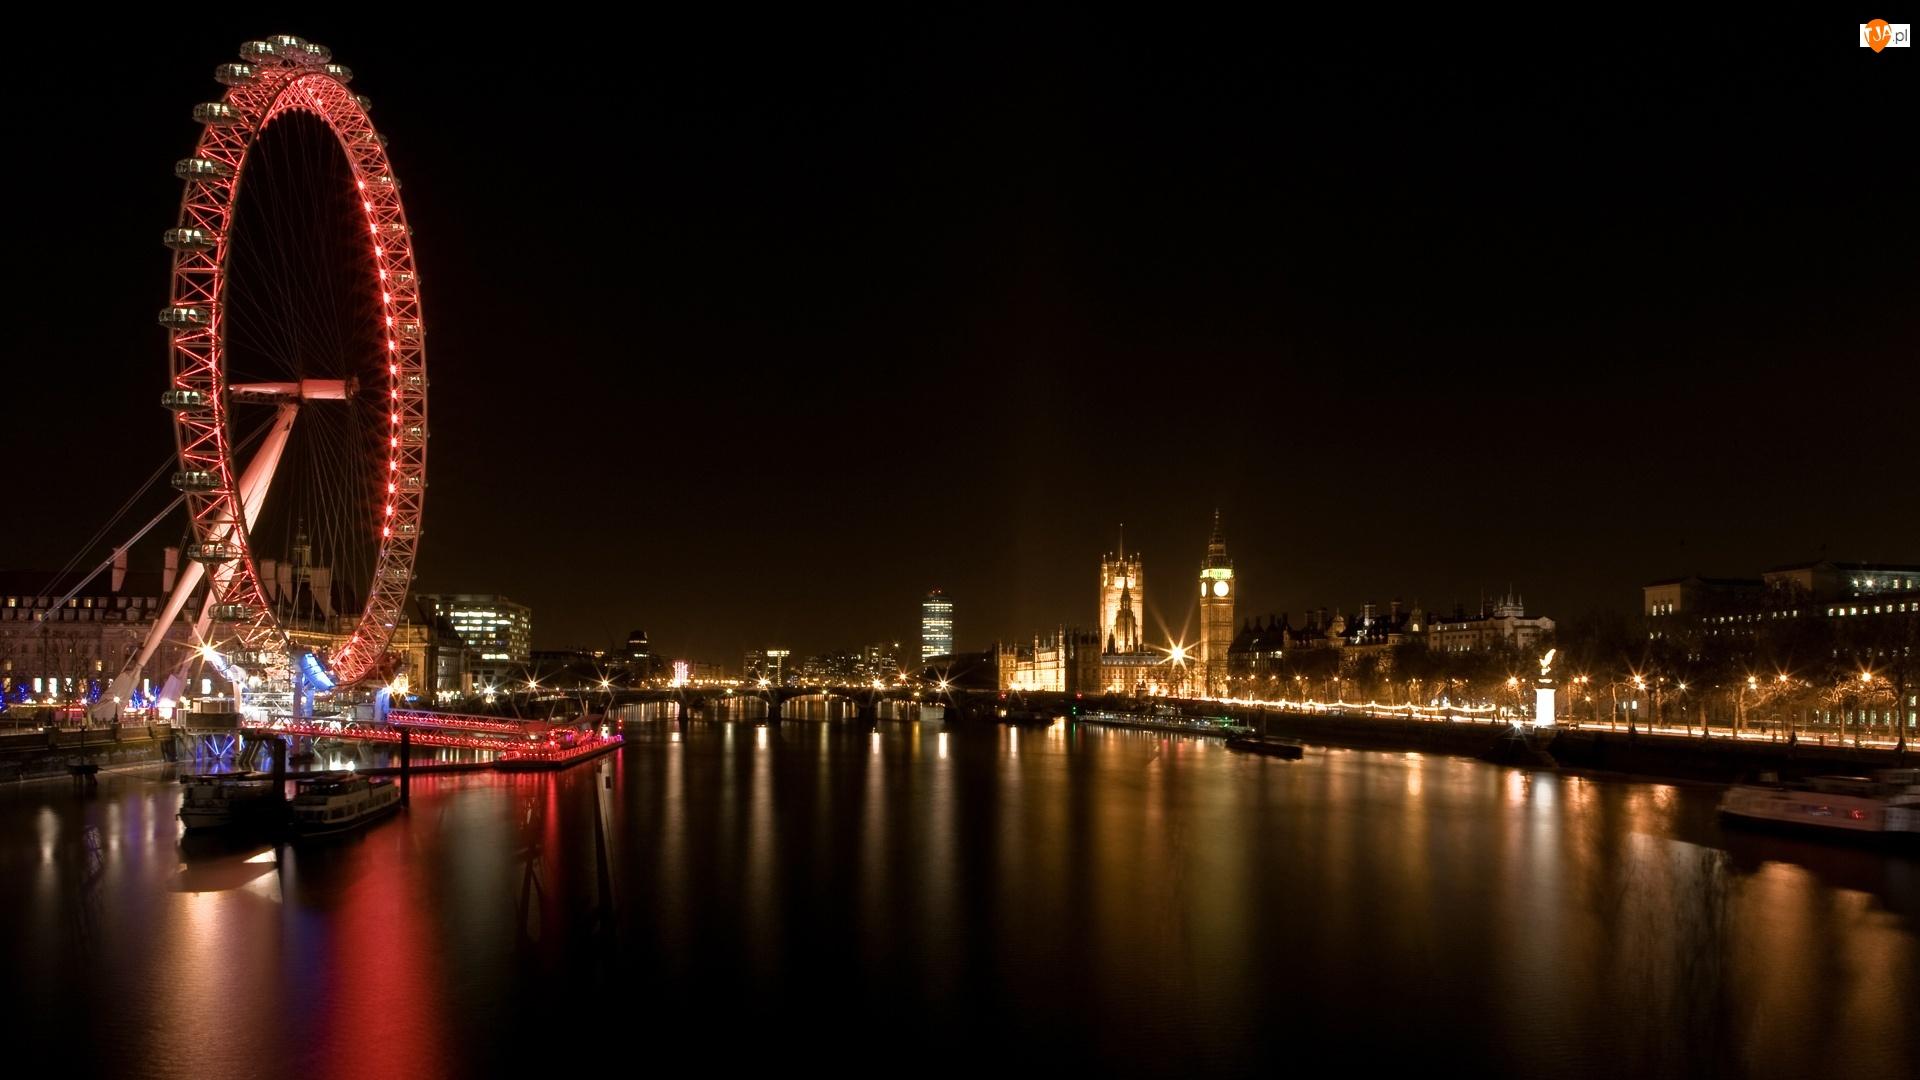 Światła, Miasto, Londyn